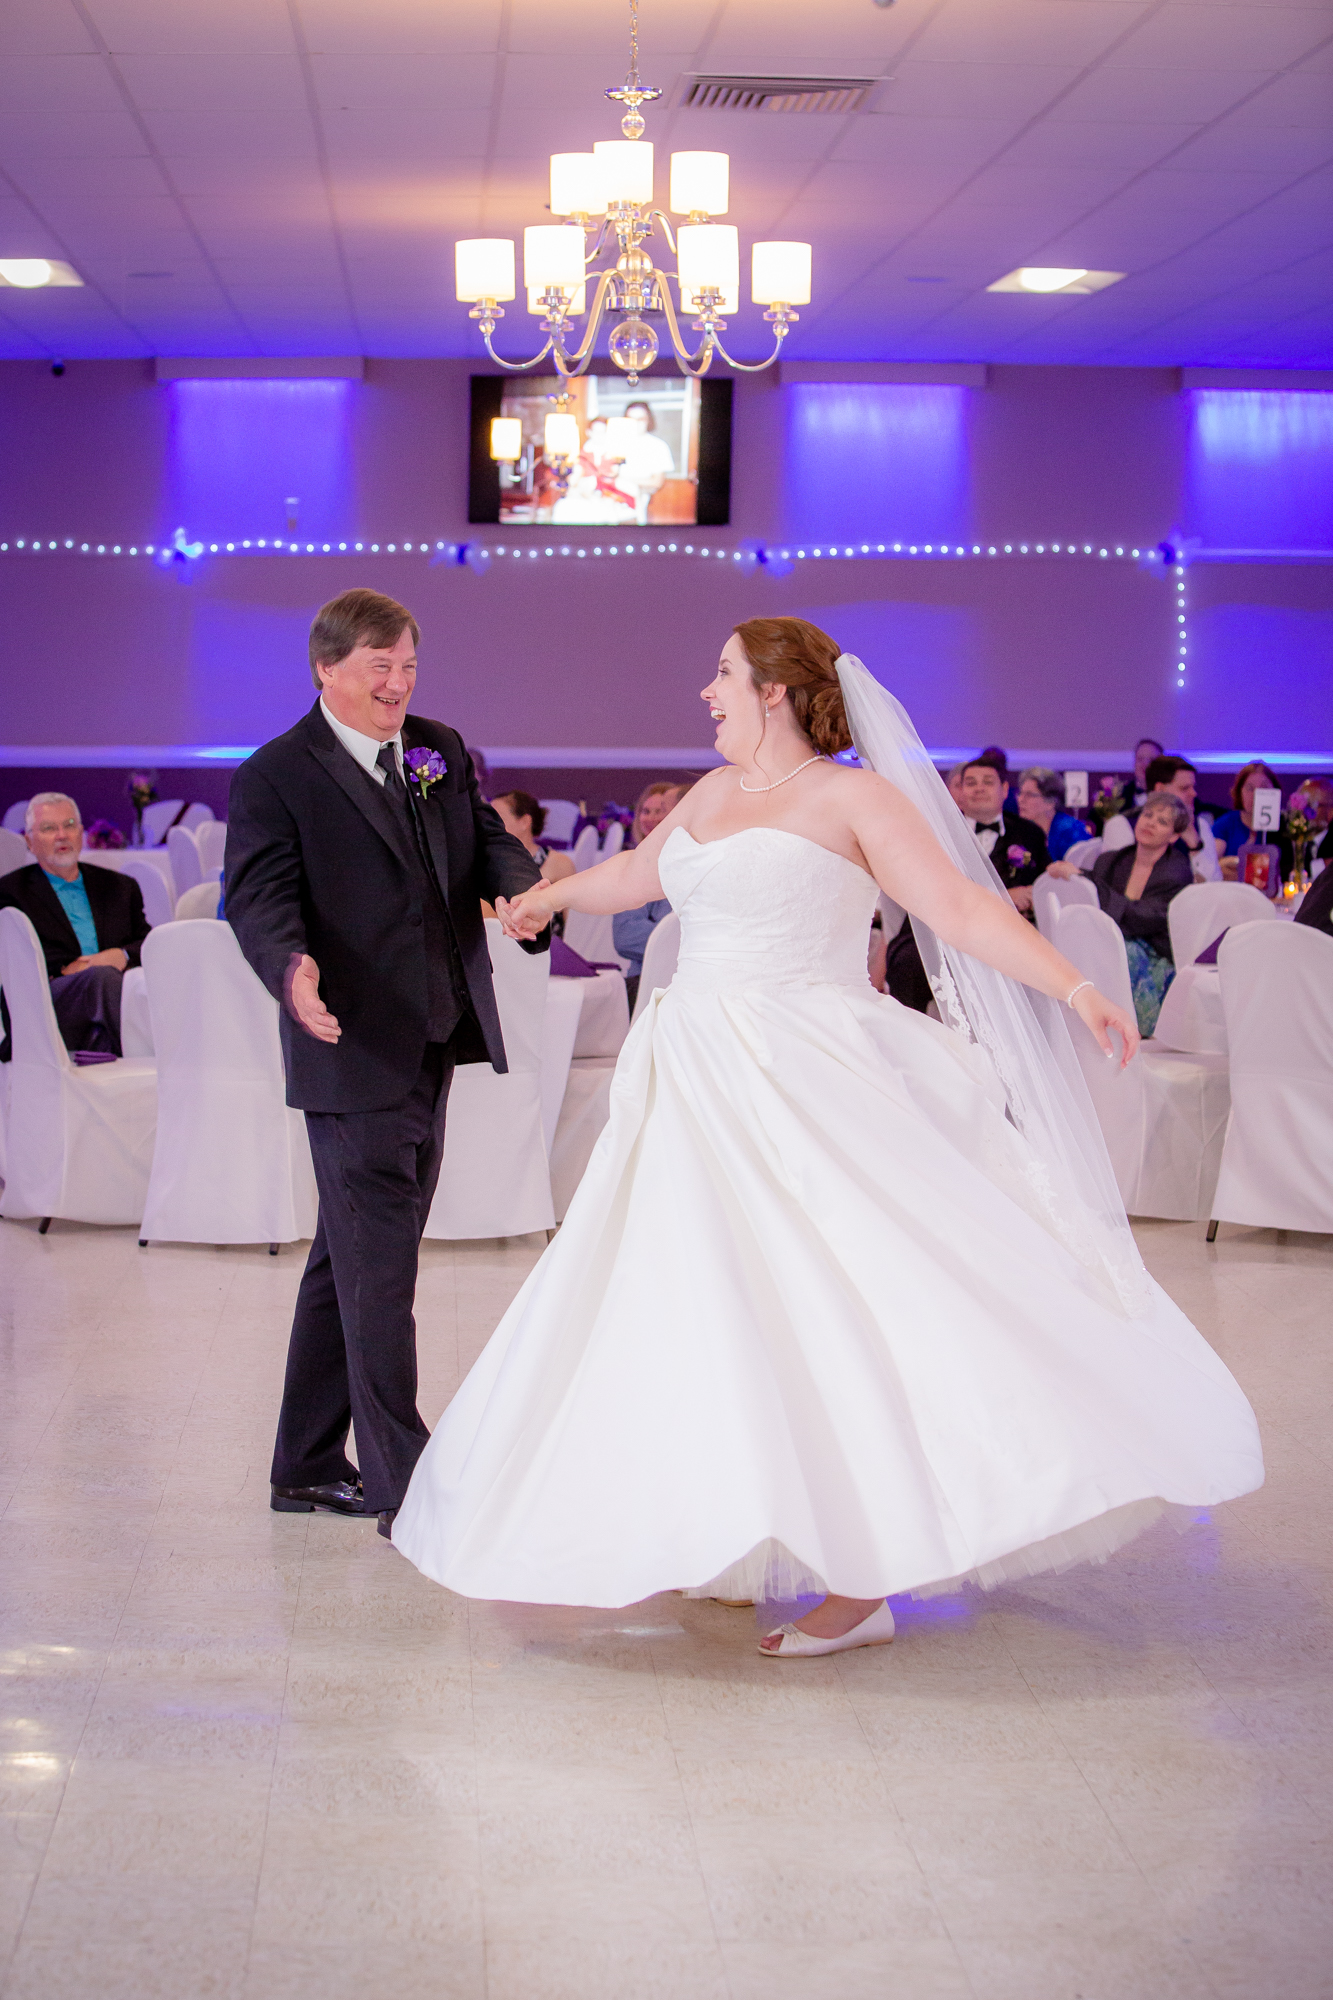 Elmira-Park-Church-Wedding-3233.jpg